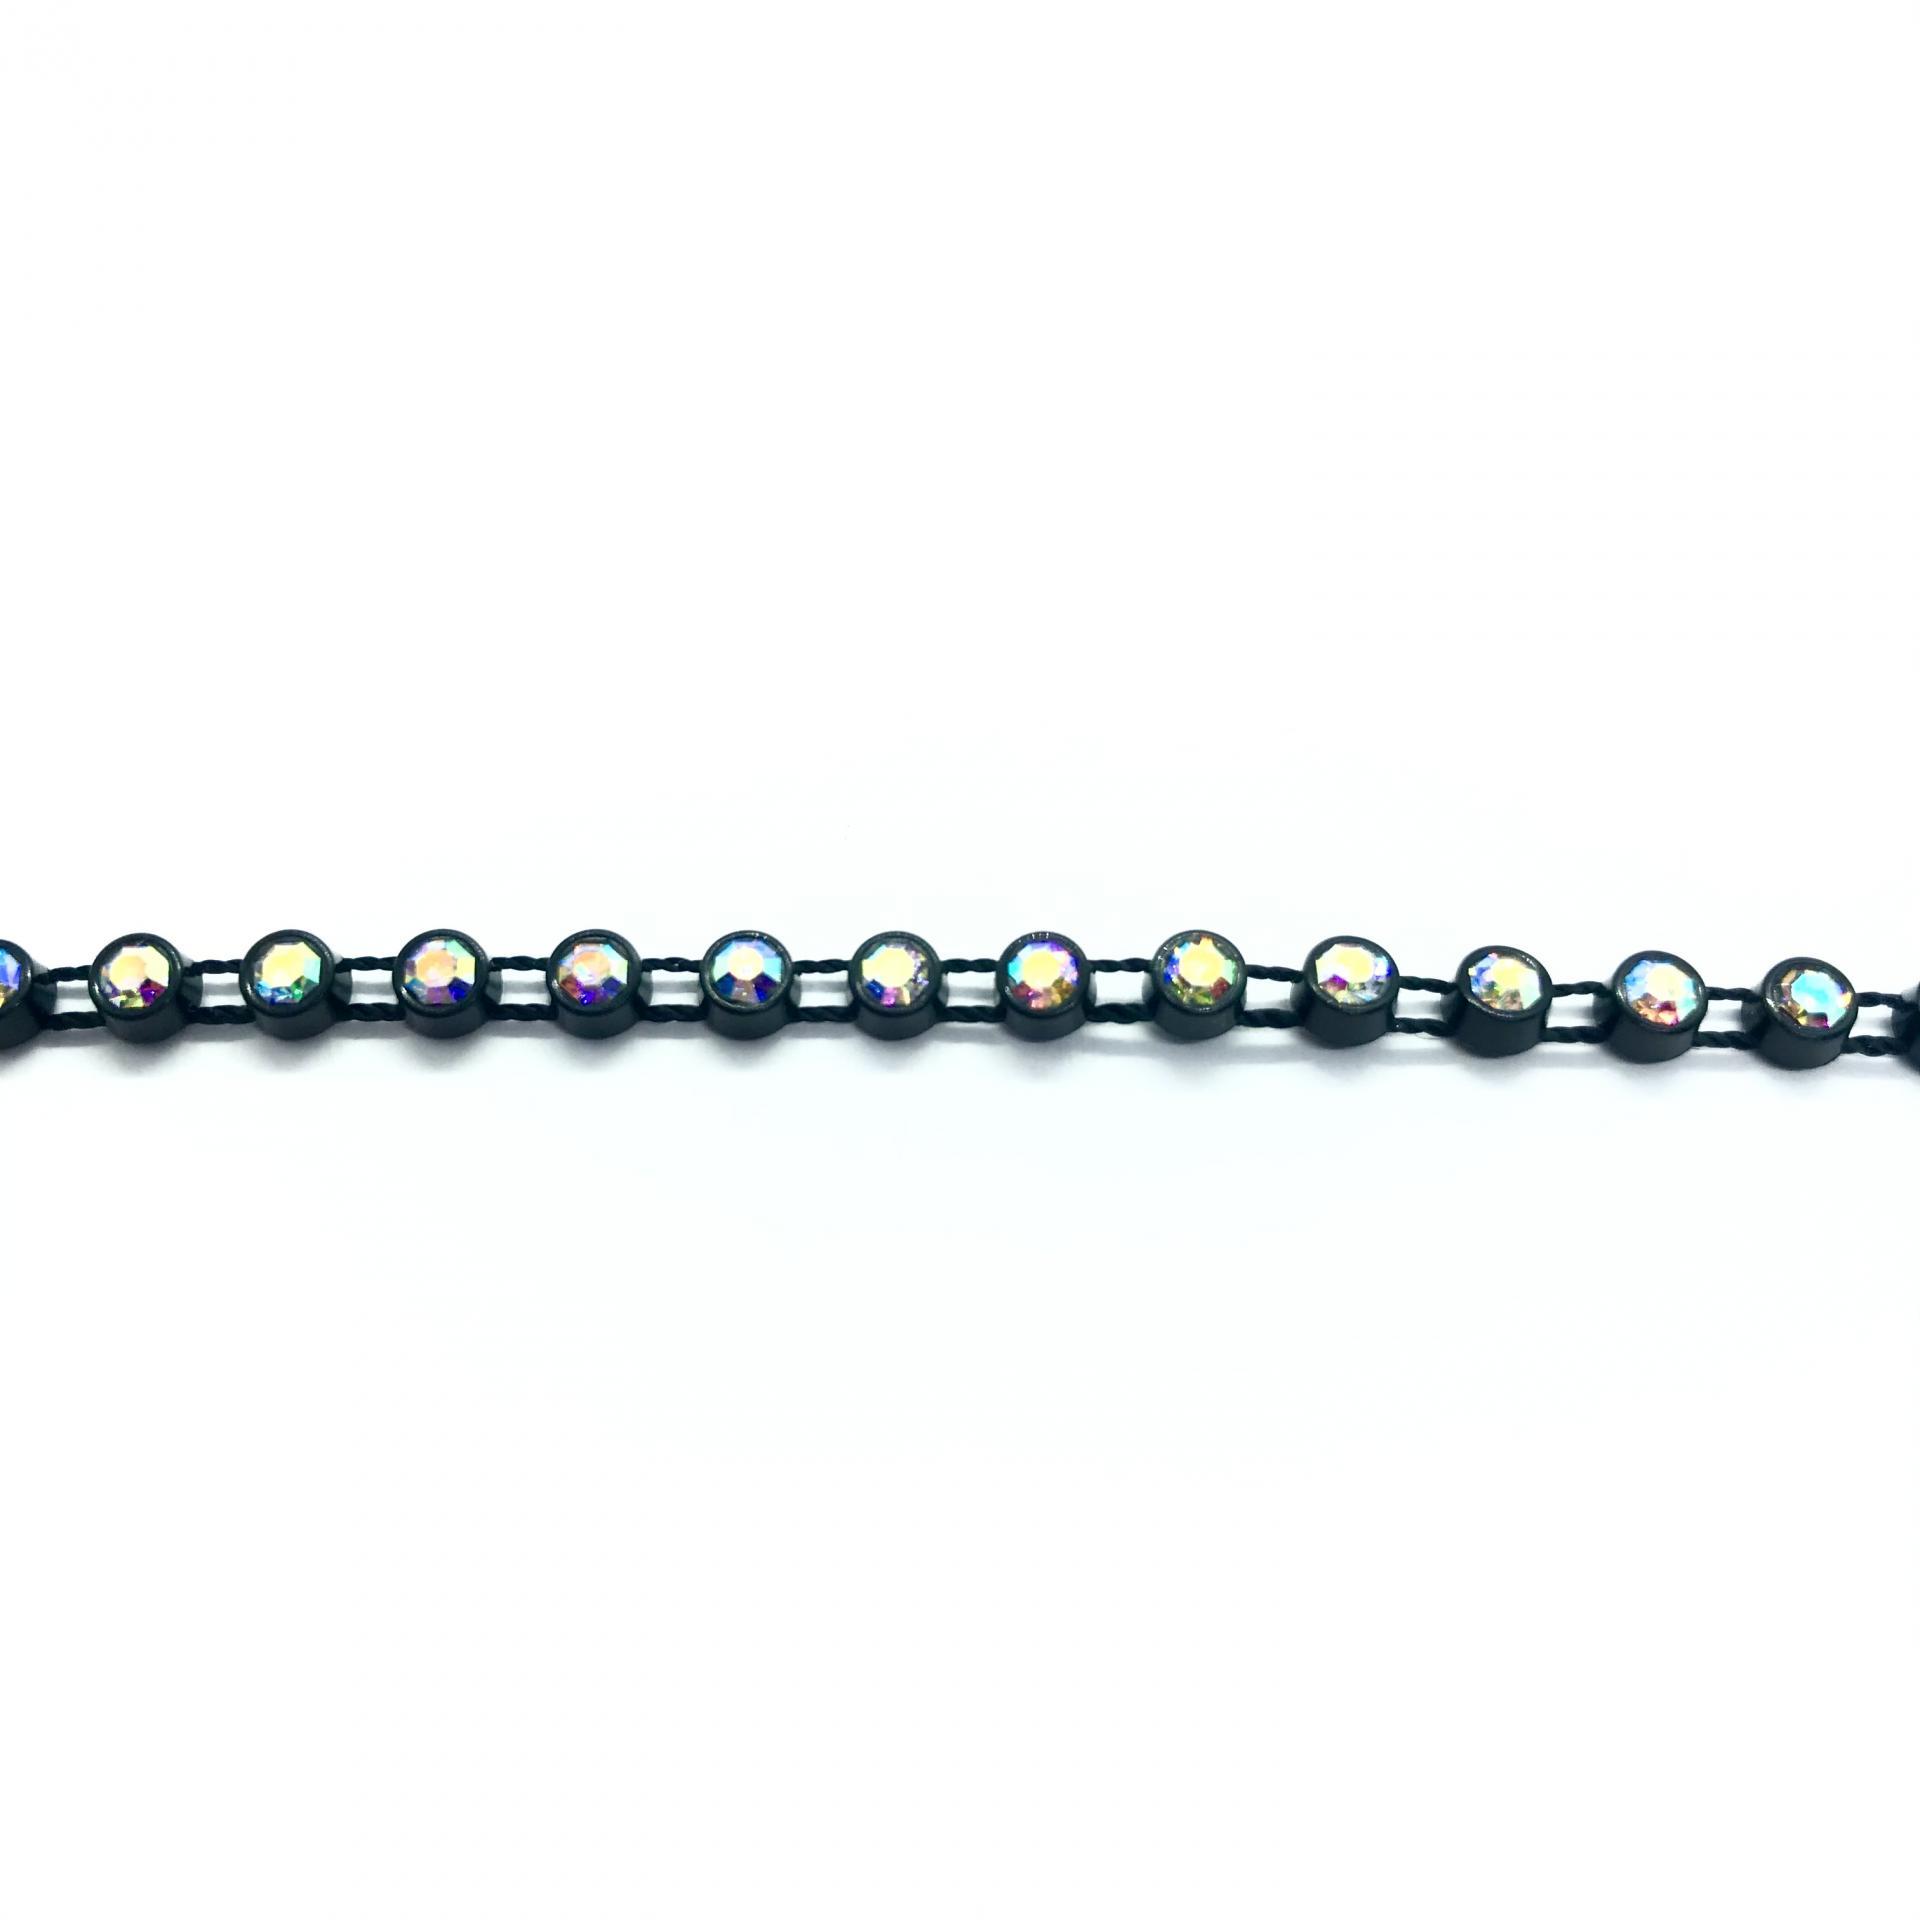 Galon de strass a coudre cristal ab base plastique noir 3mm